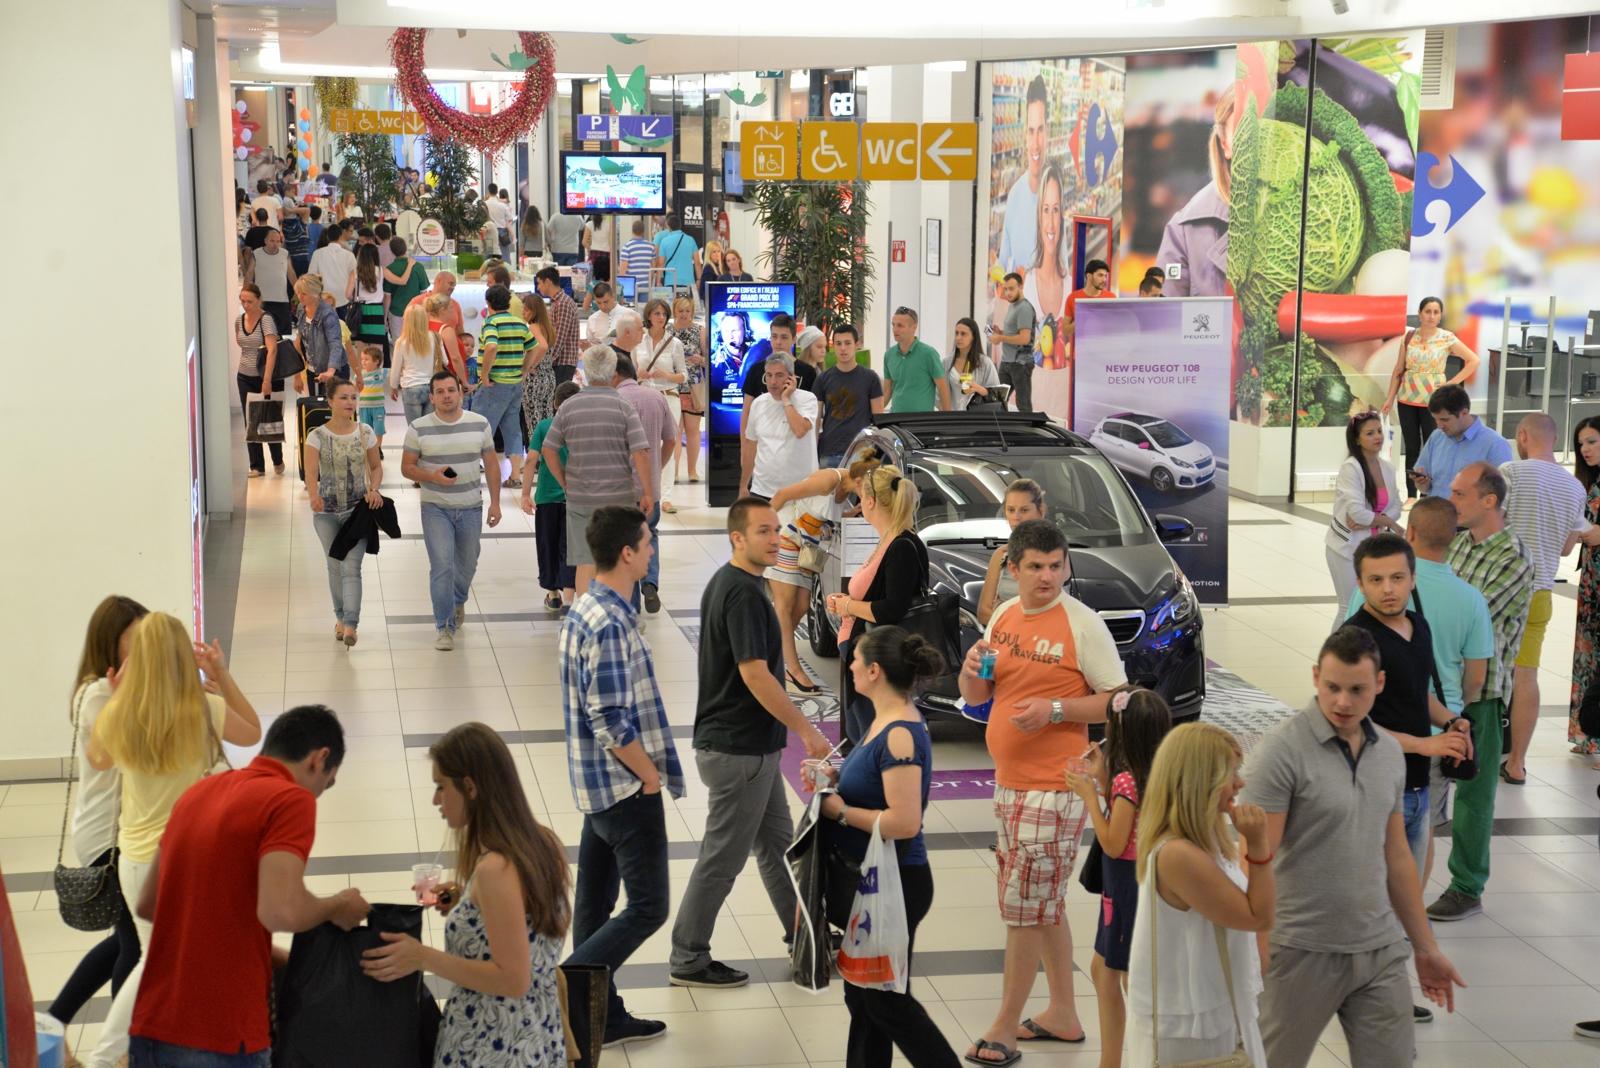 ФОТО: Рекорден број посетители на дводневниот ноќен шопинг во Скопје Сити Мол